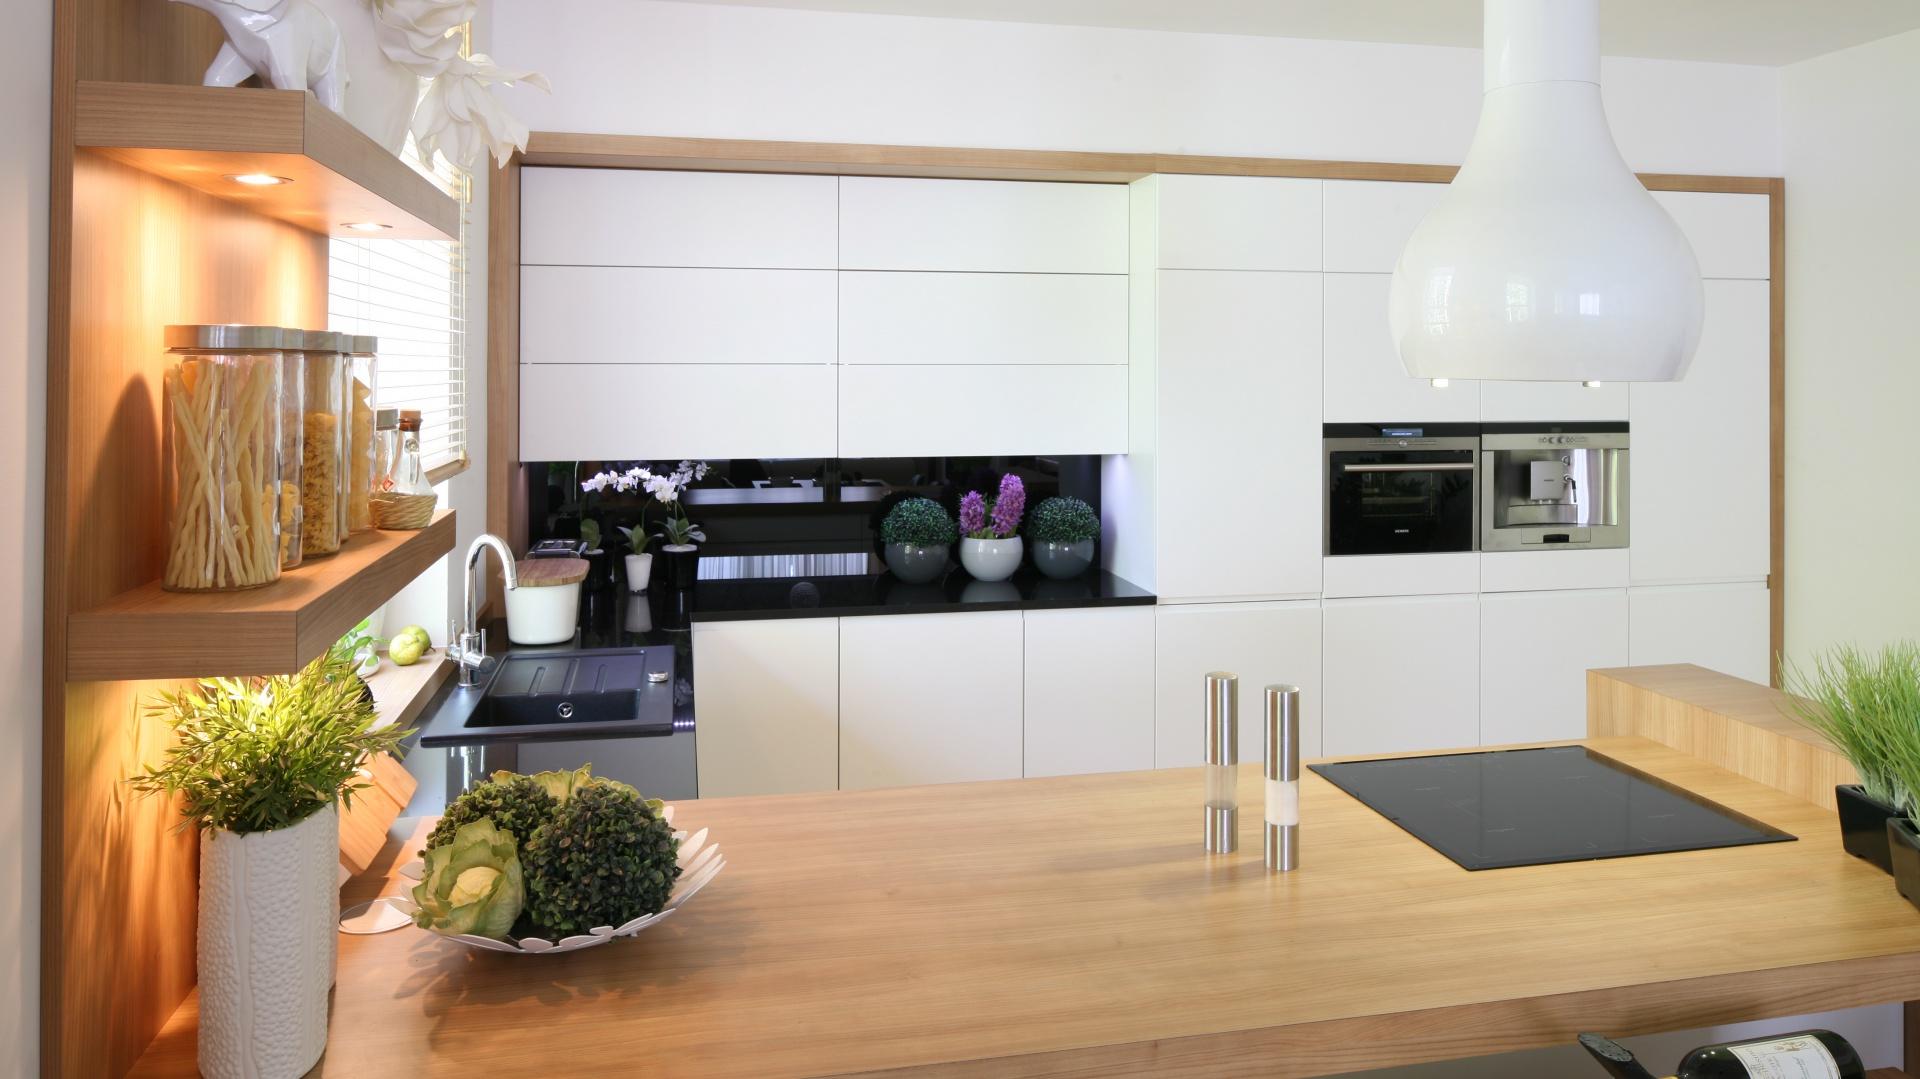 Okap w kuchni Projekt  Kuchnia i jadalni -> Okap Nad Kuchnia